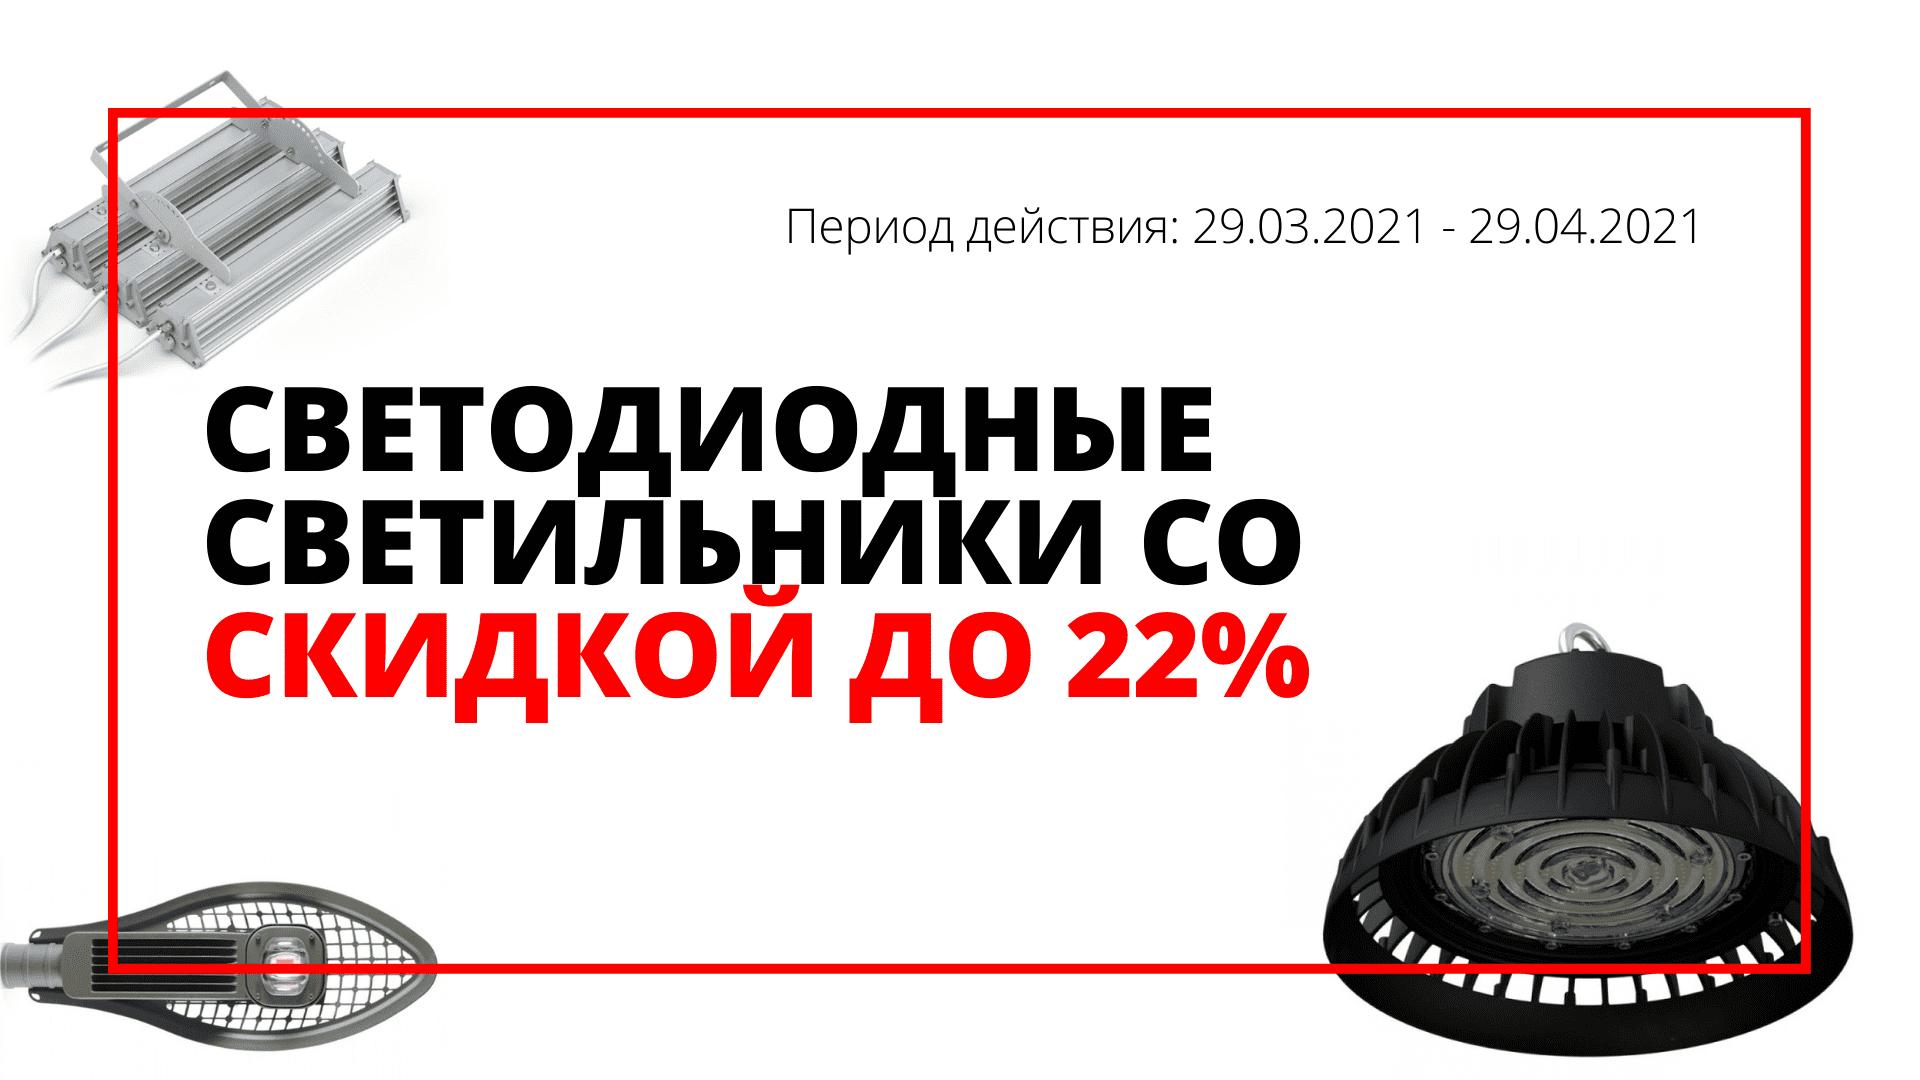 Акция. Светодиодные светильники со скидкой до 22% | 29.03.2021